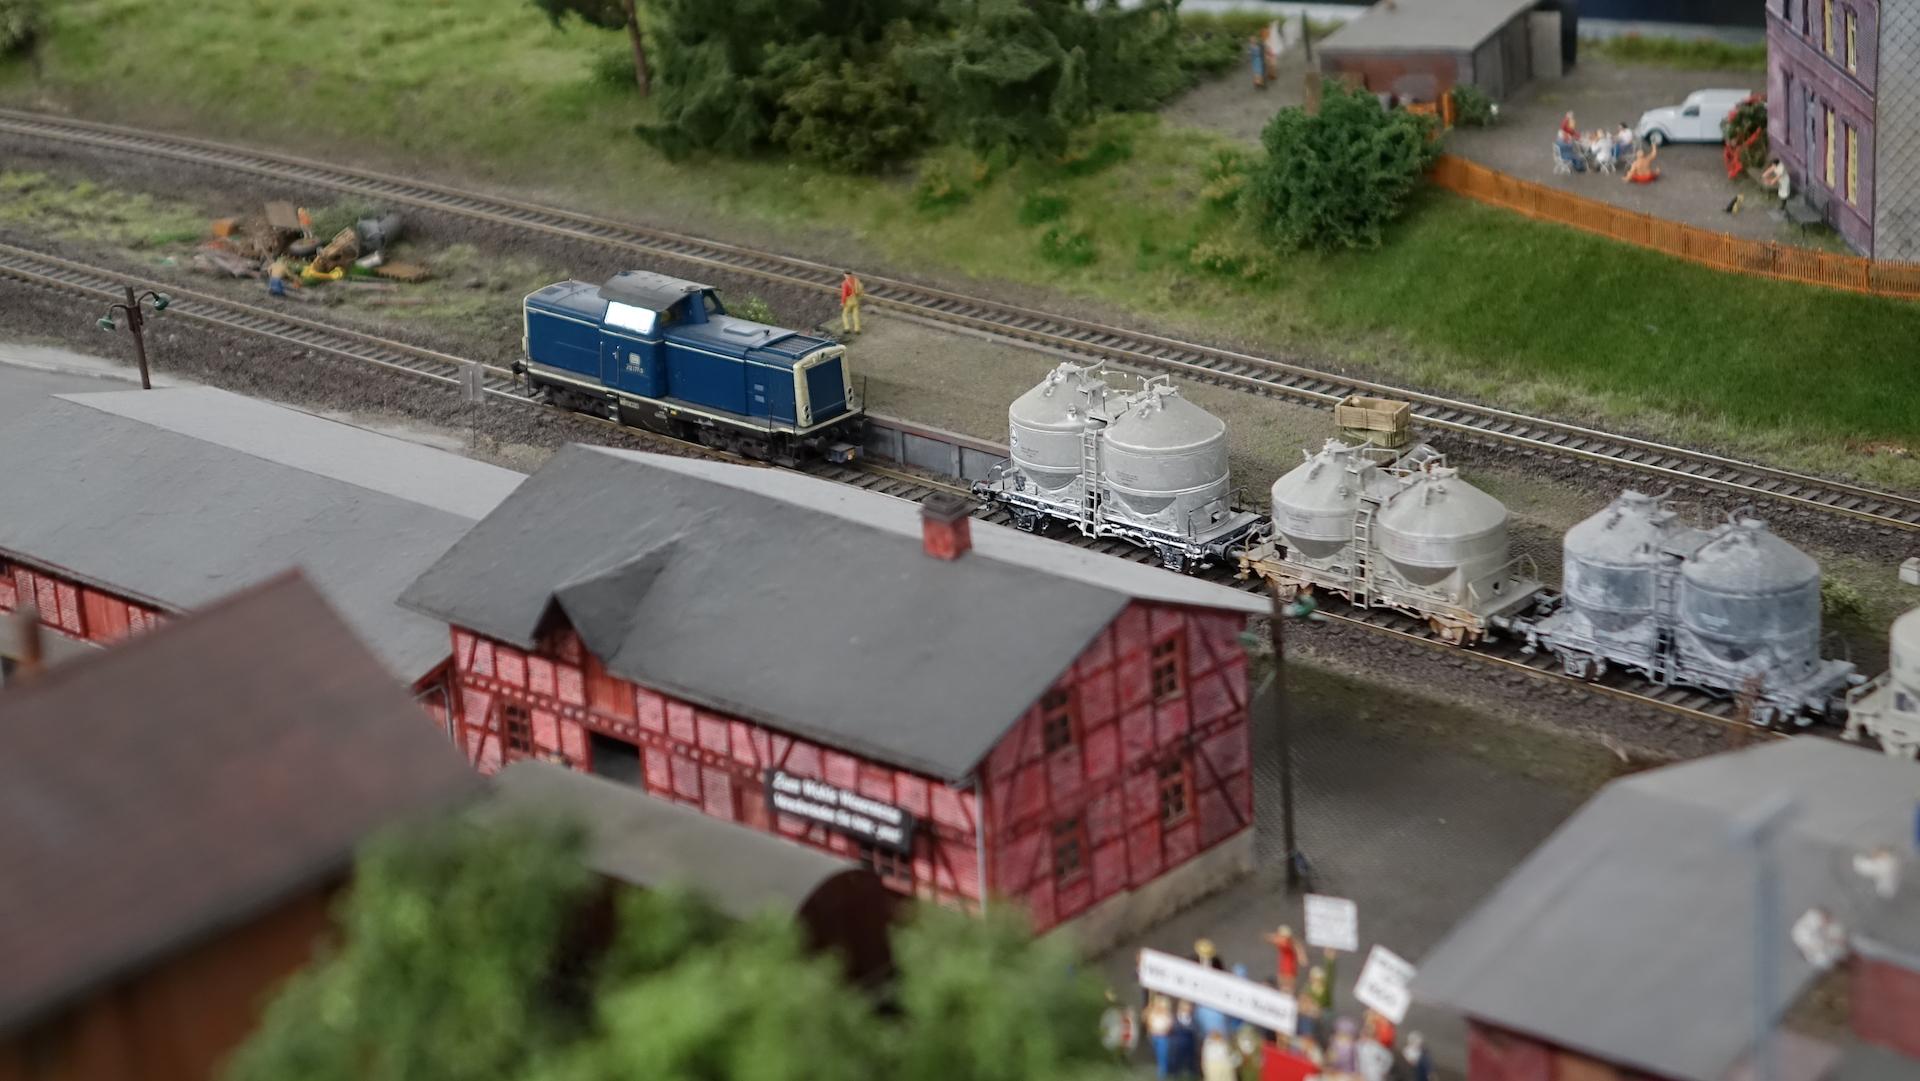 17_06_04_Modellbundesbahn_013